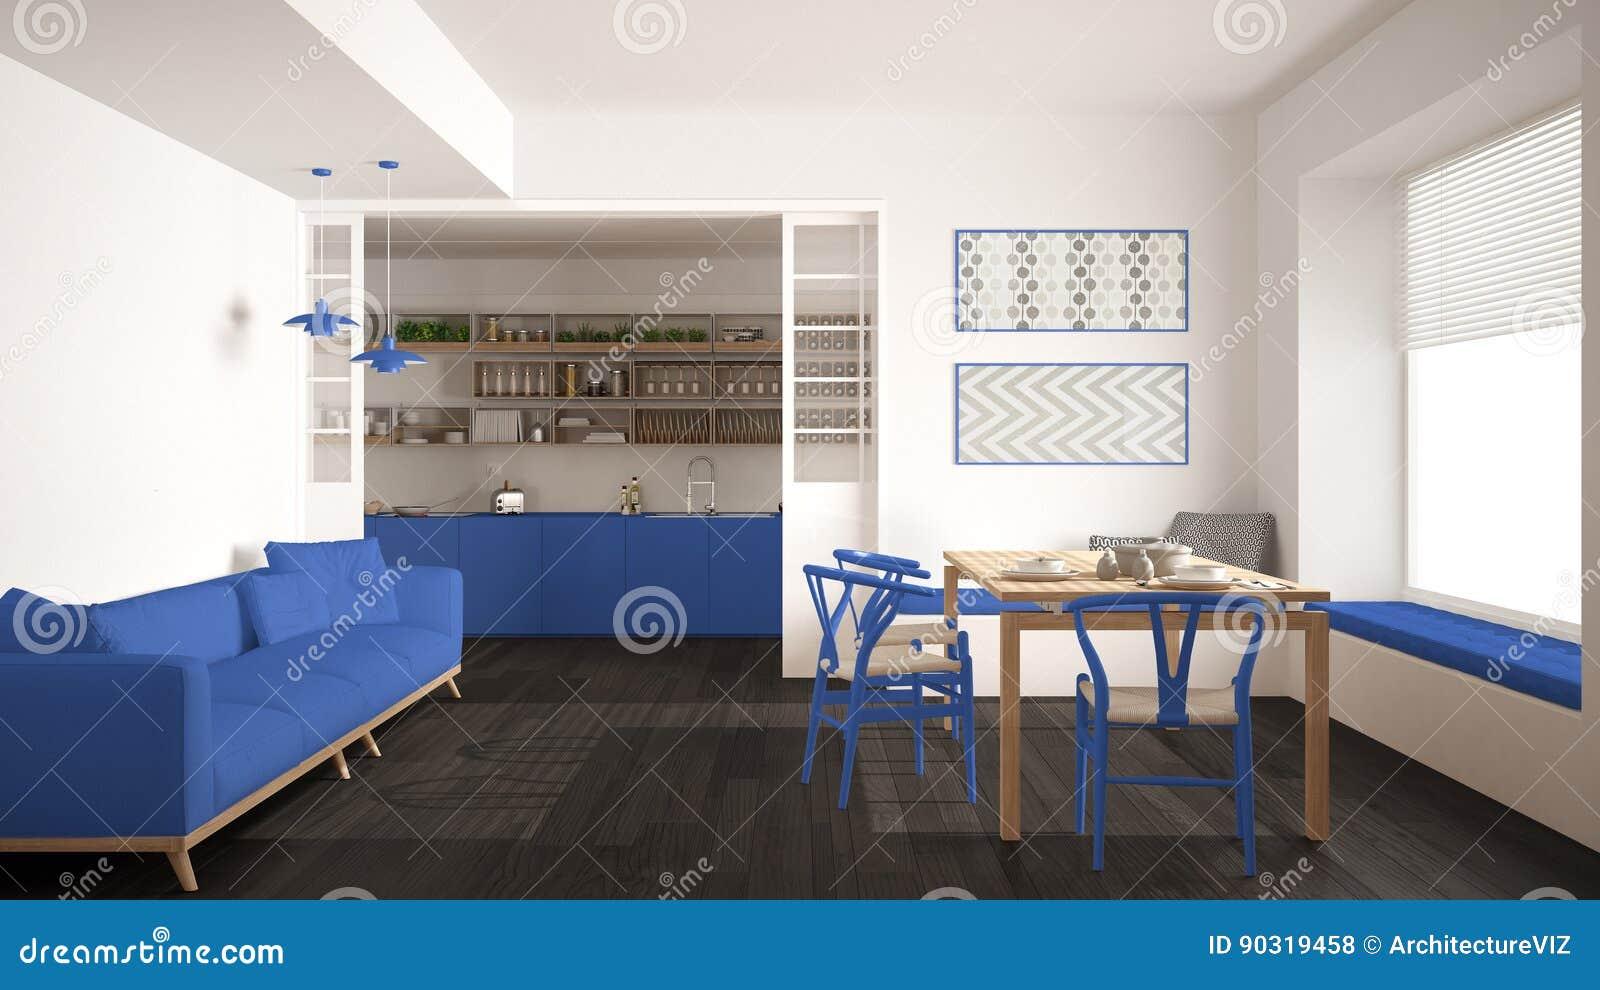 Witte Minimalistische Woonkeuken : Minimalistische keuken en woonkamer met bank lijst en stoelen